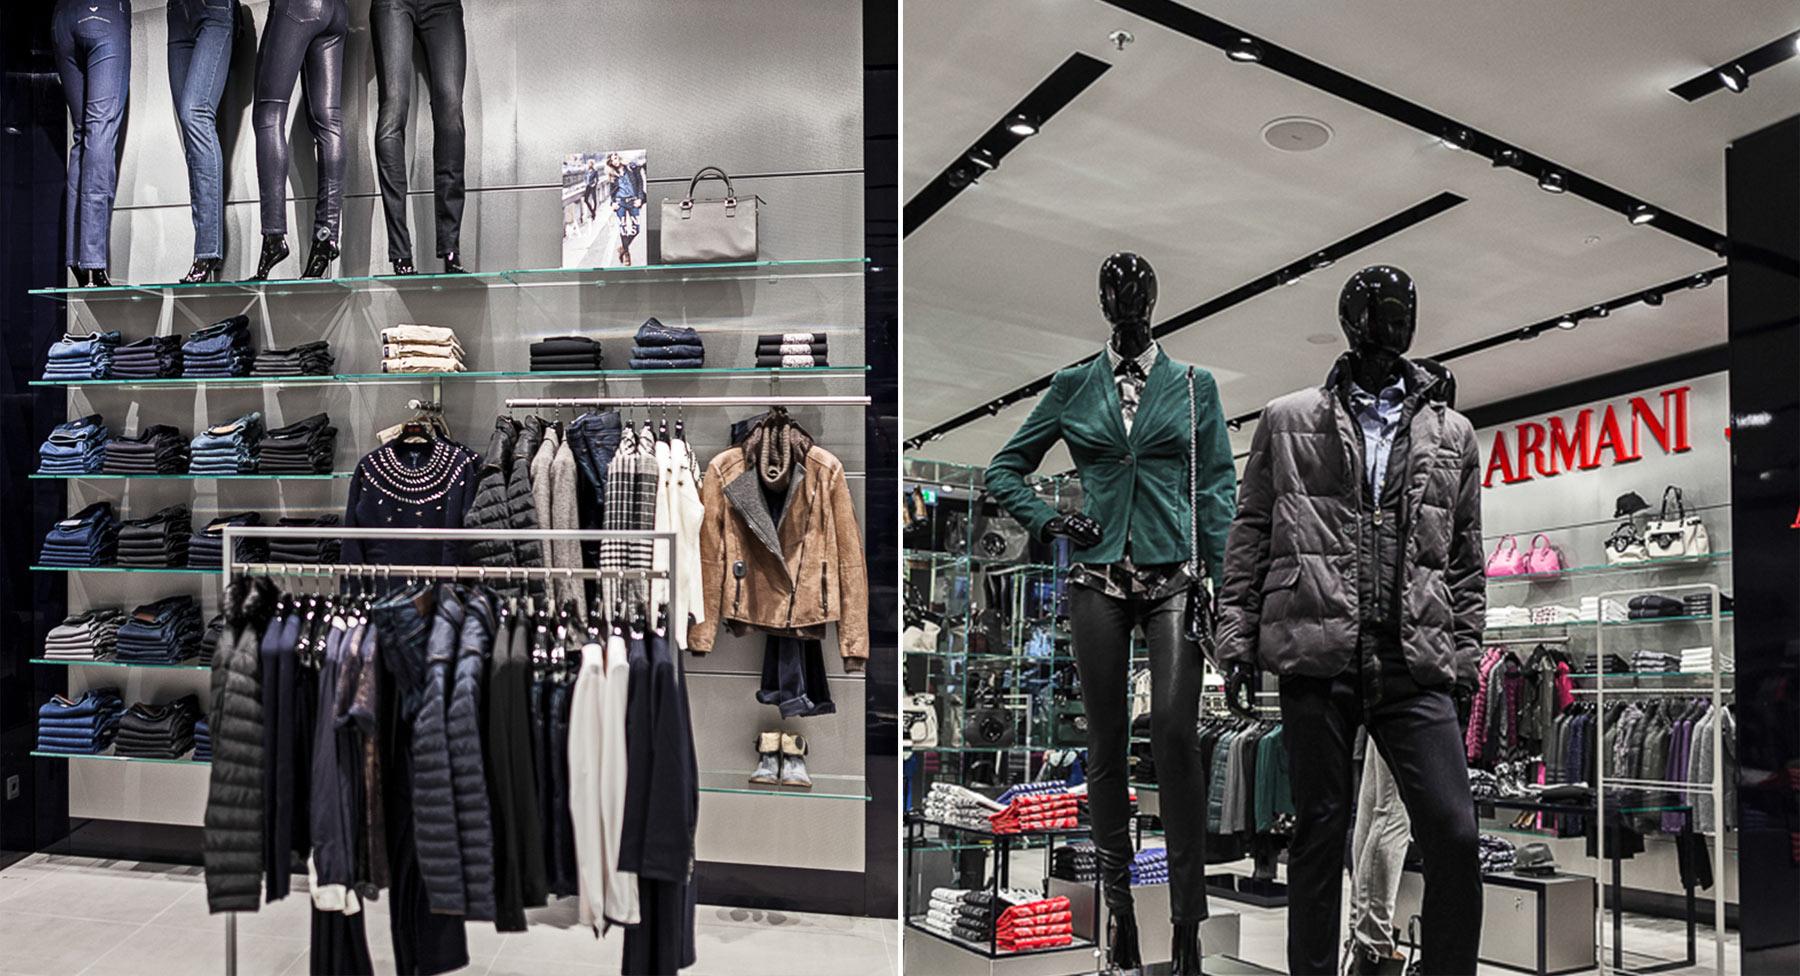 Referenzen Innenarchitektur SDW DESIGN Ladengestaltung Armani Jeans